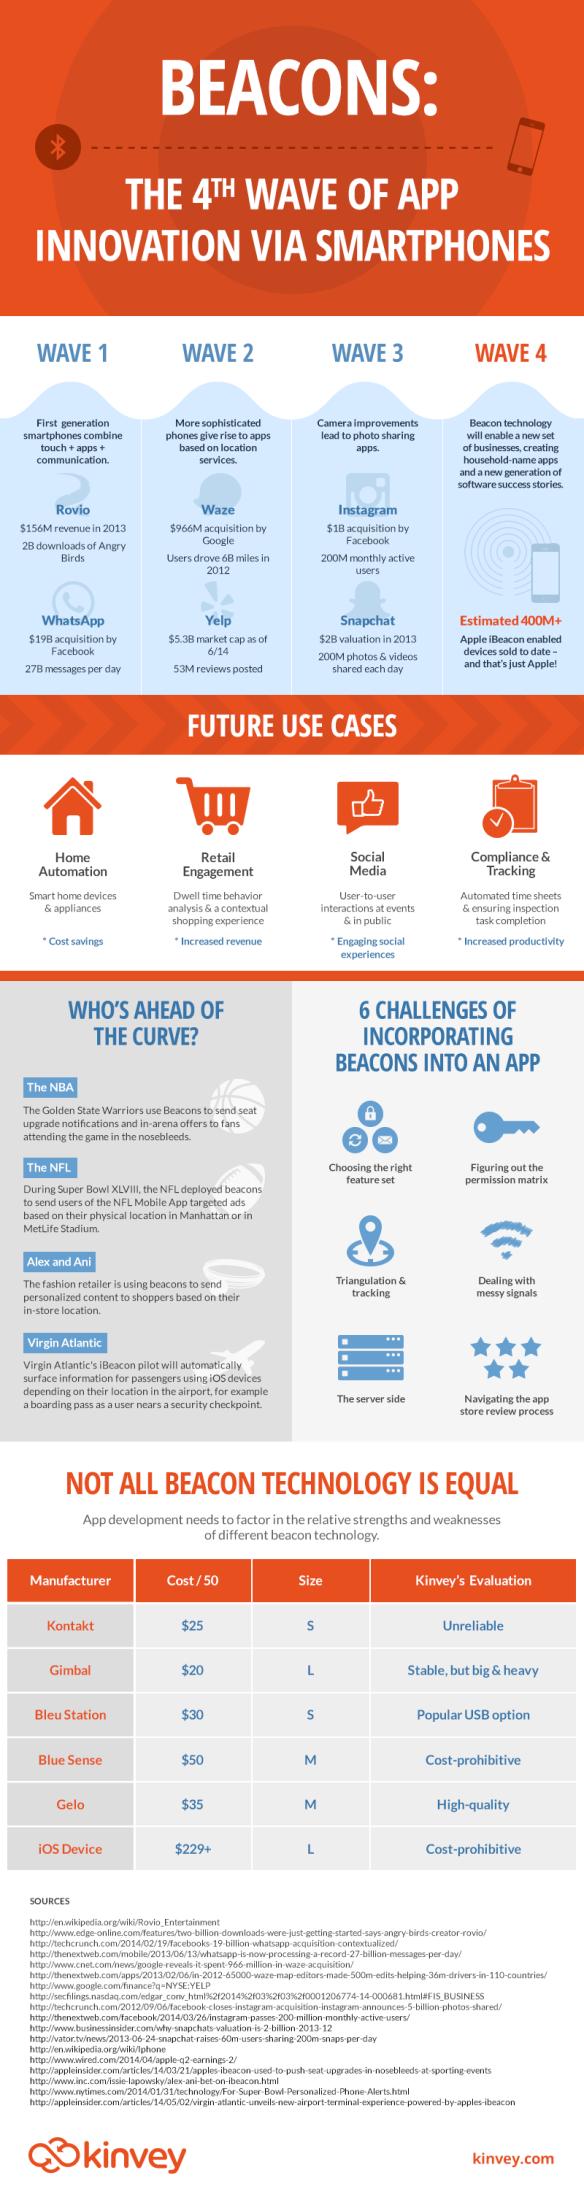 kinvey-beacon-infographic-072014